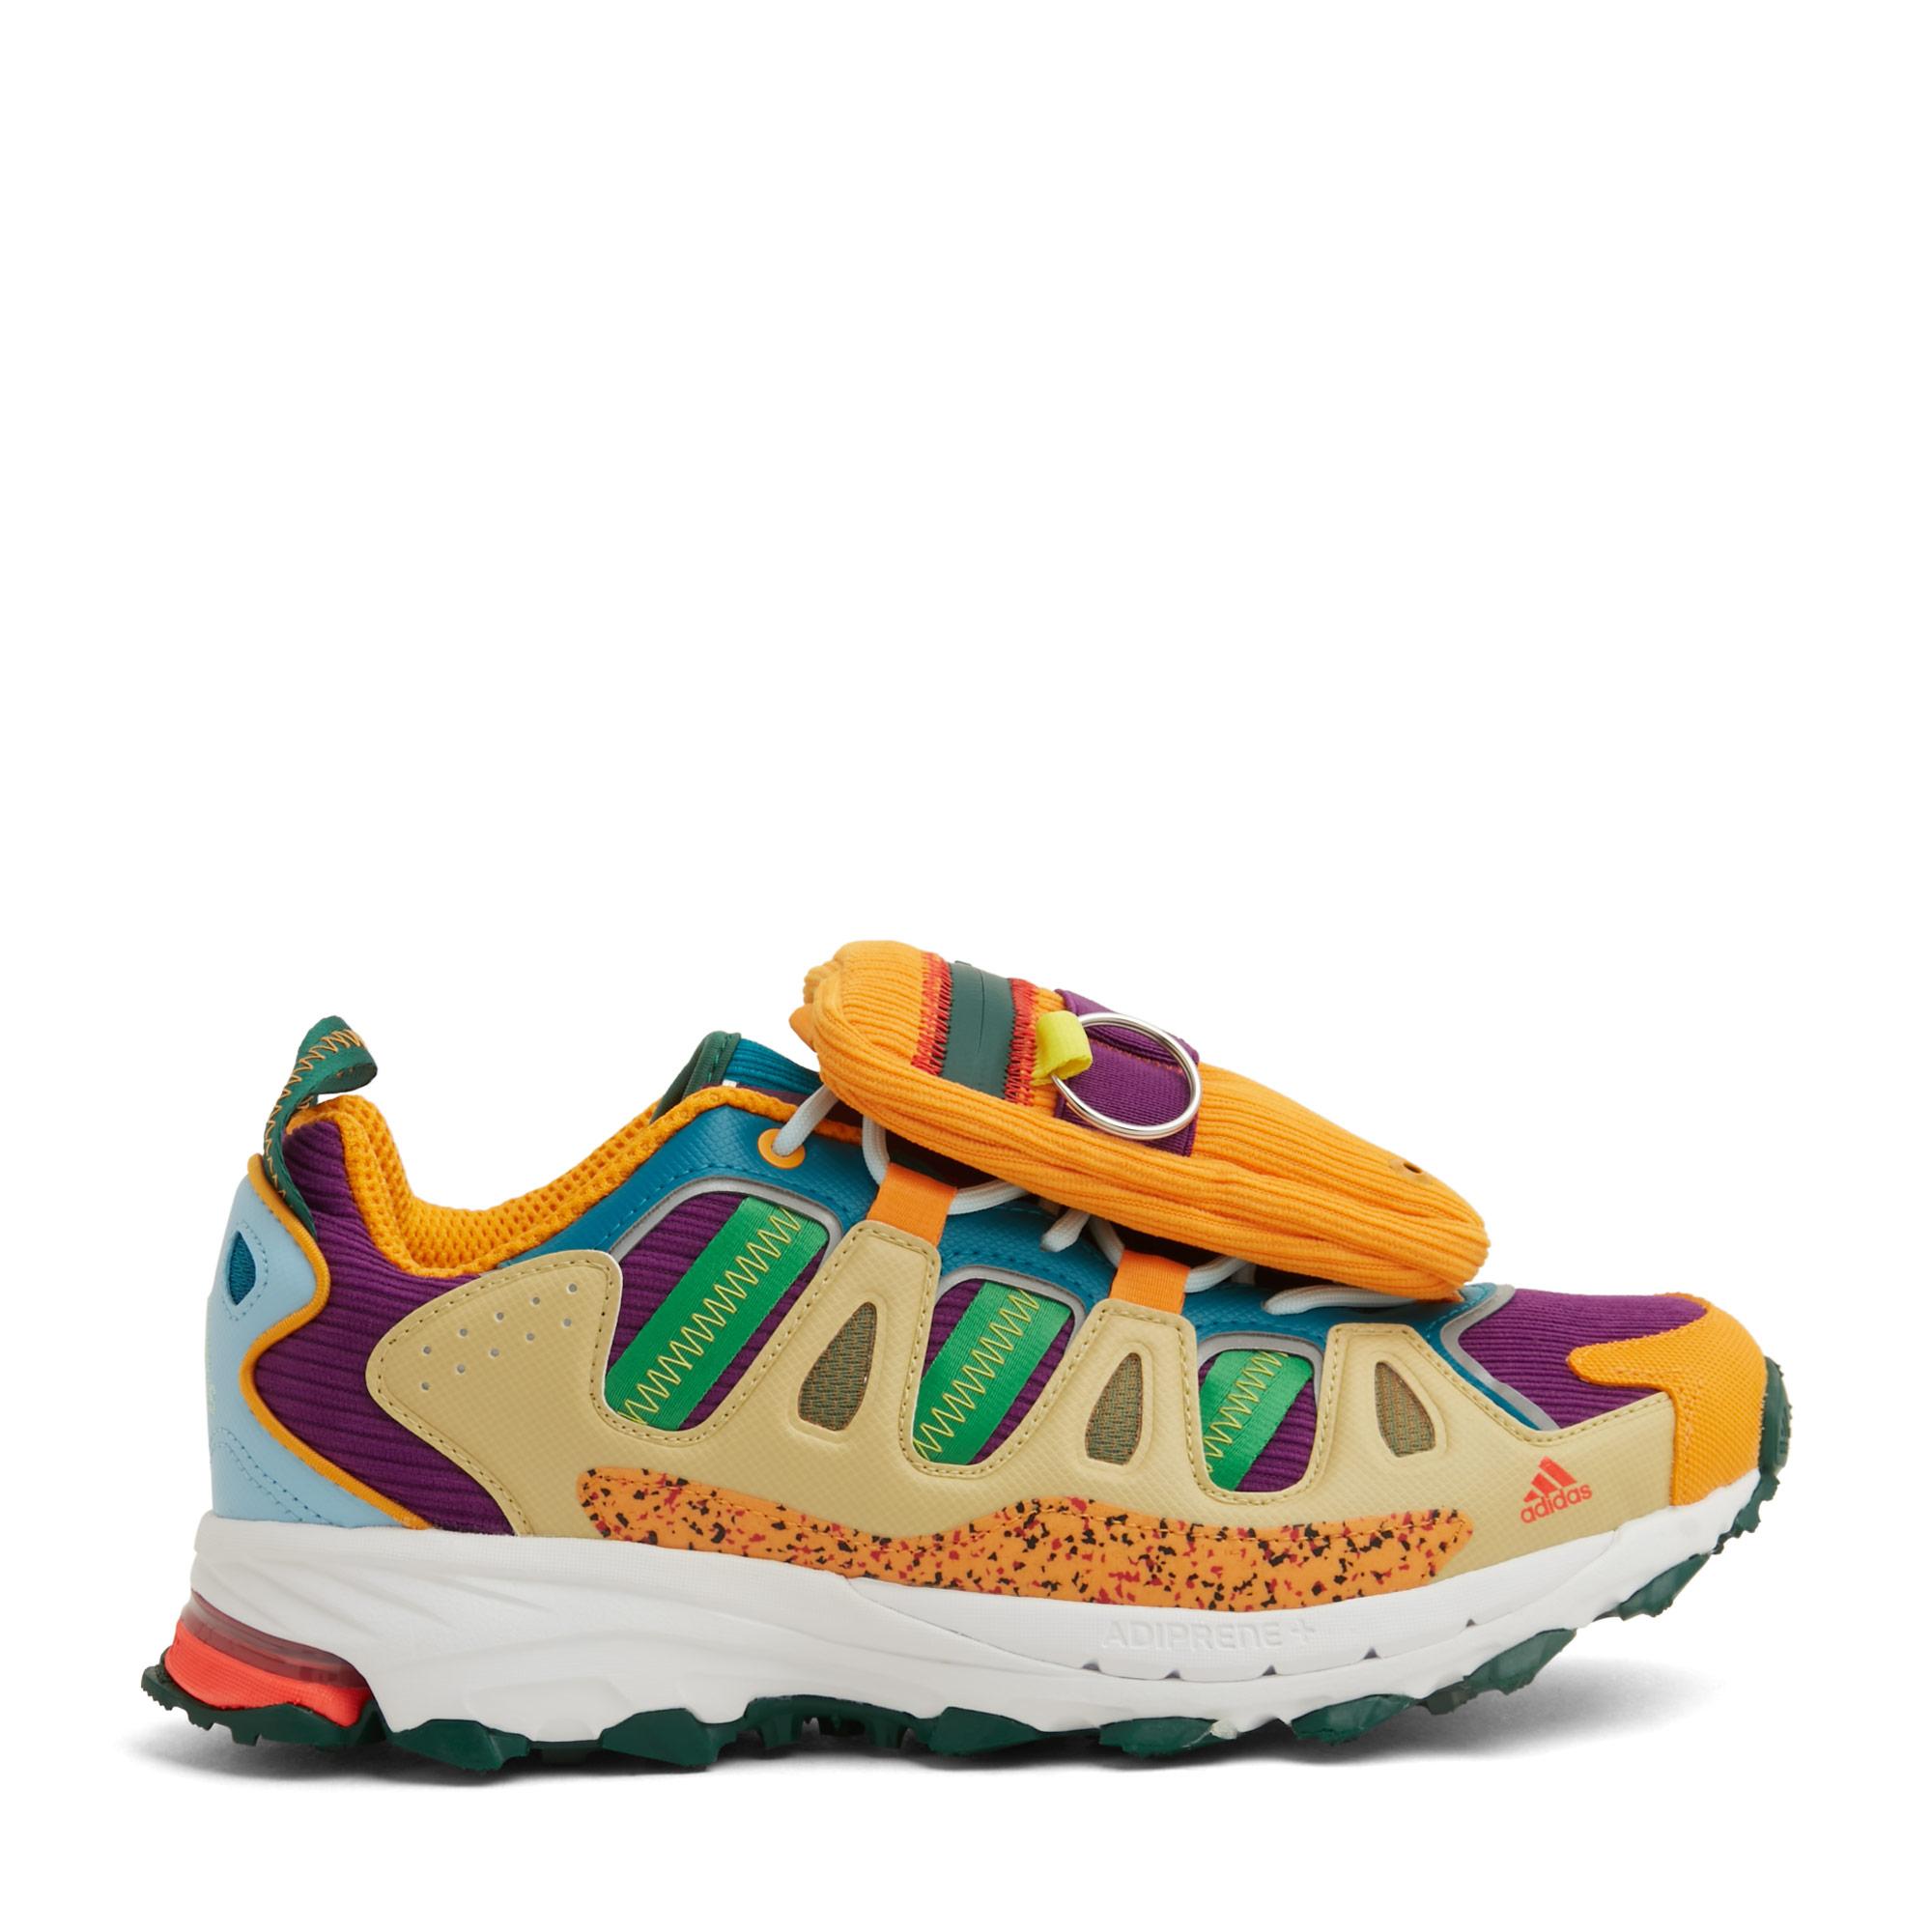 x Sean Wotherspoon Superturf Adventure sneakers